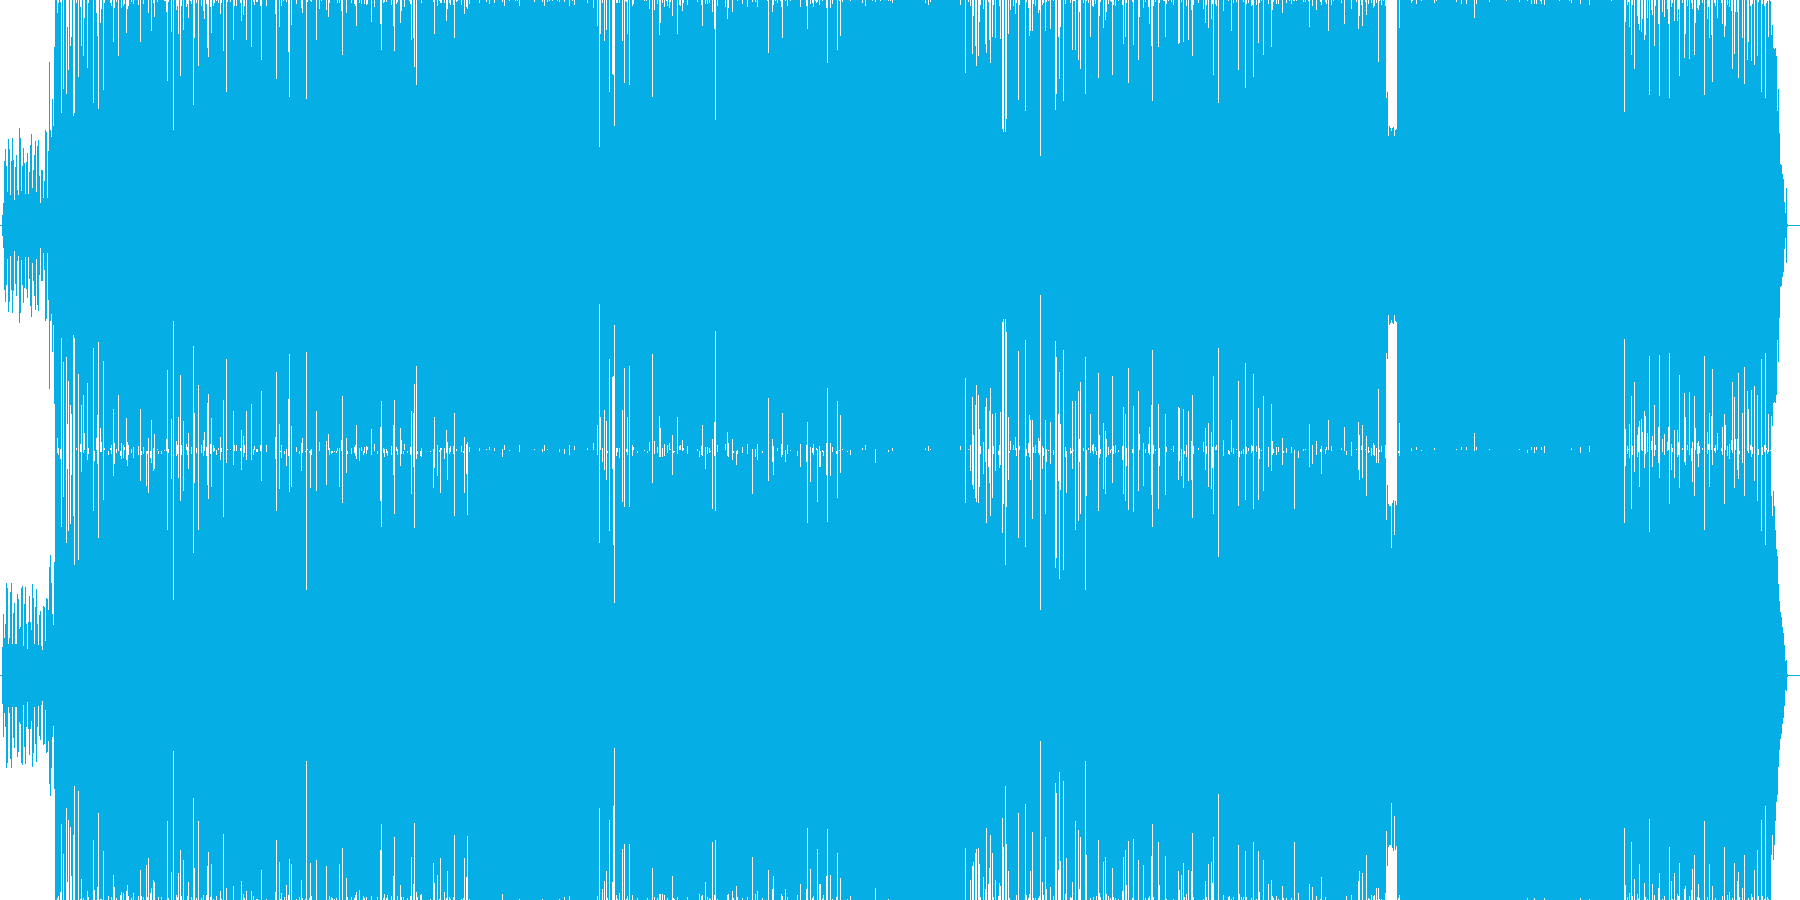 どこか切なさを感じるバラードラップ。の再生済みの波形